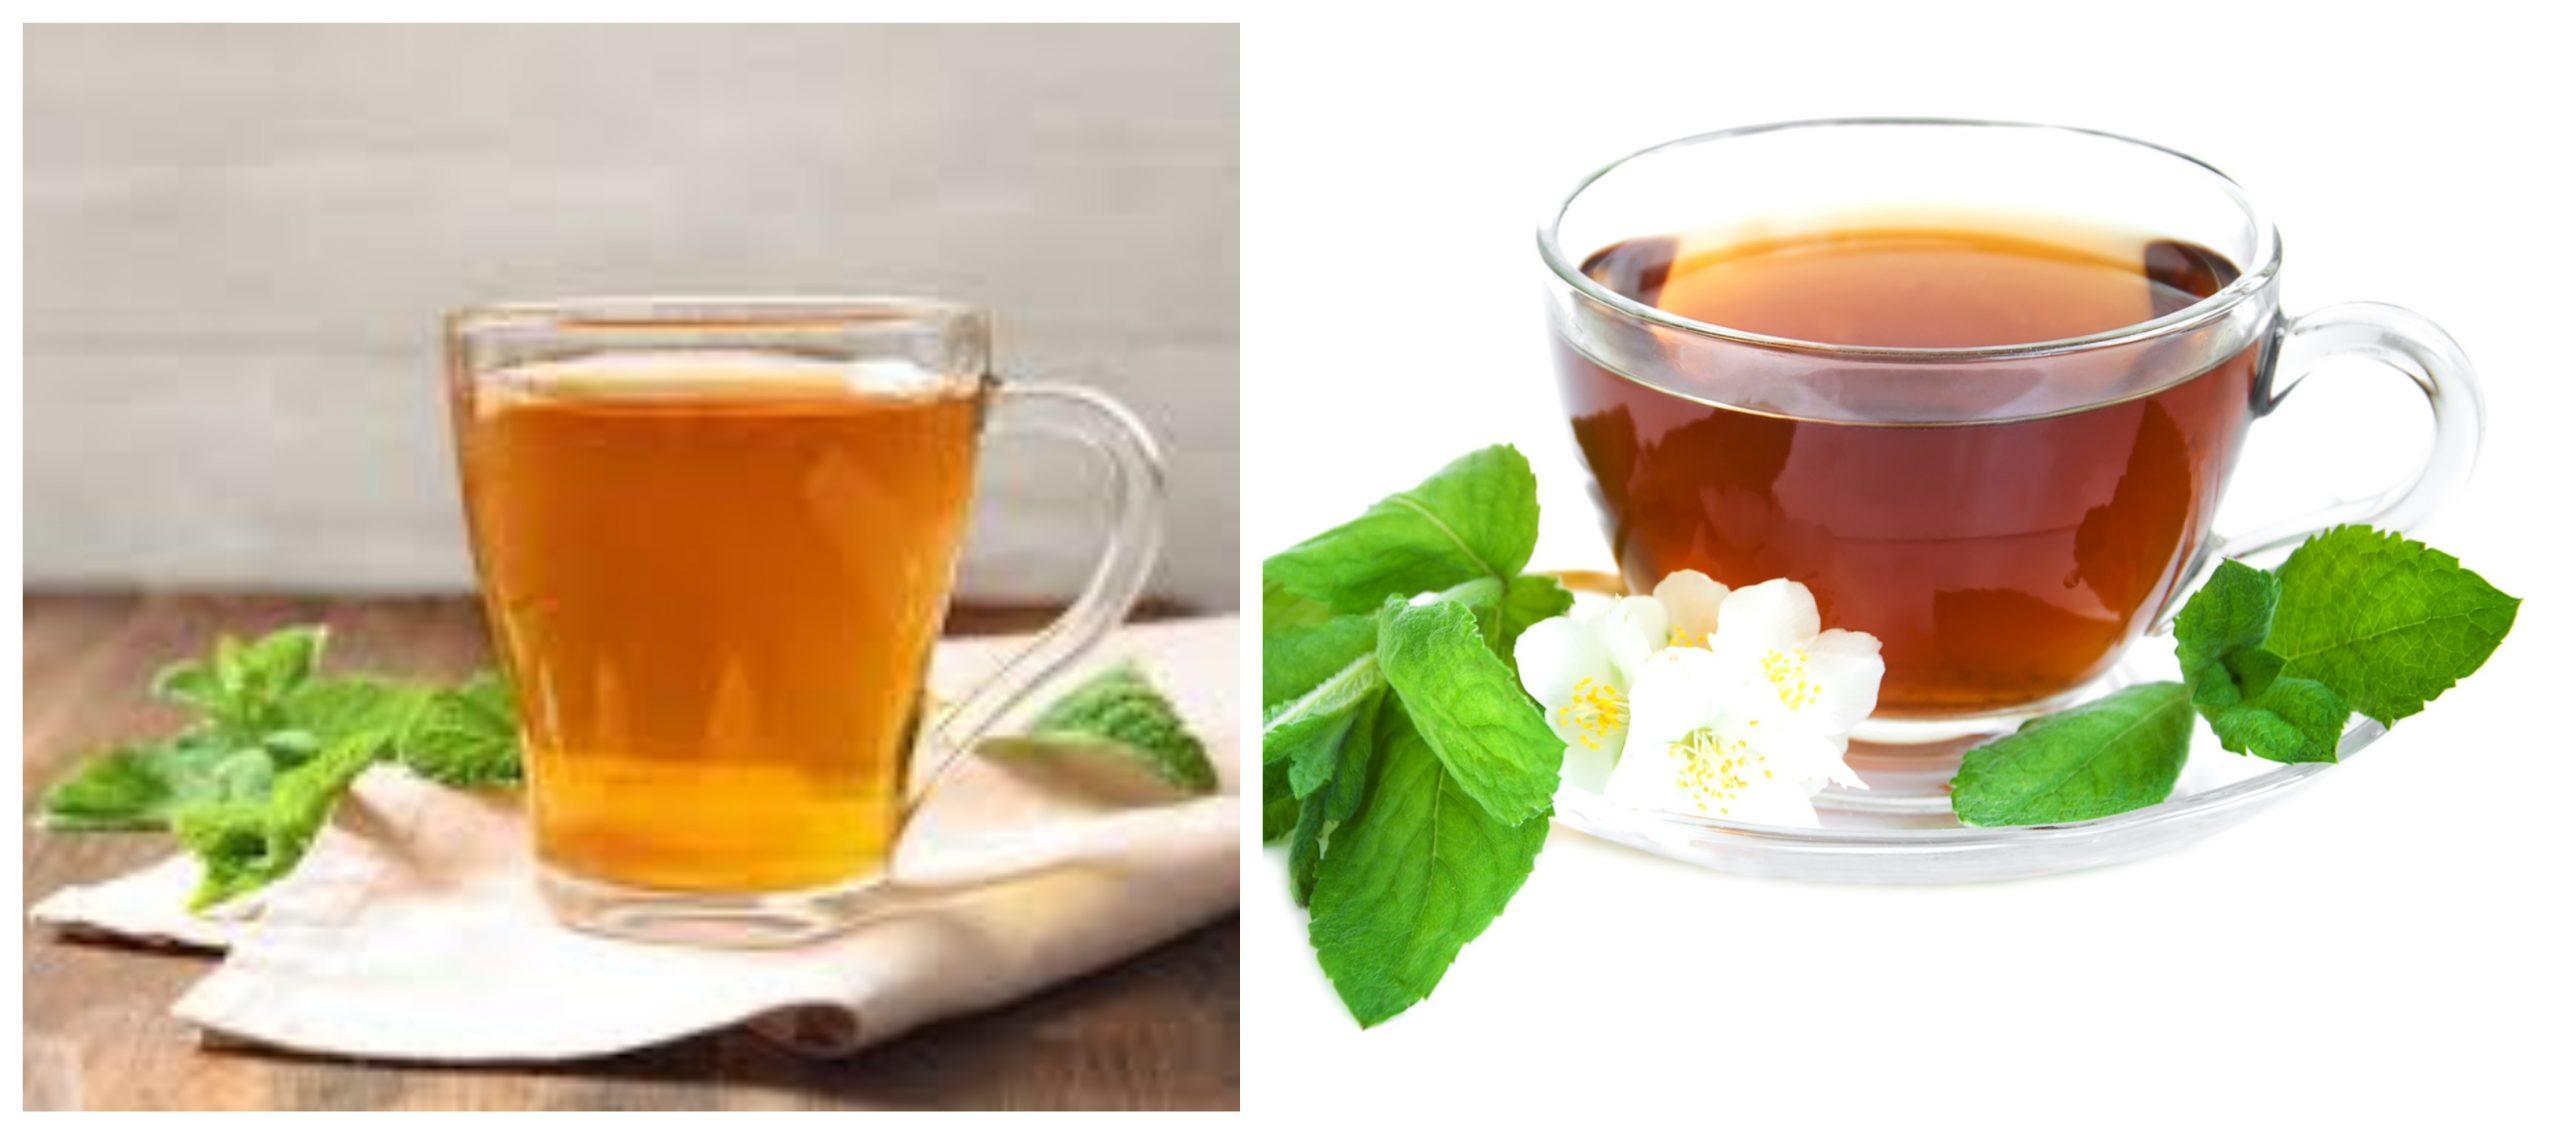 هل سمعت يوما عن شاي الخيار بالنعناع وفوائده الصحية المذهلة؟